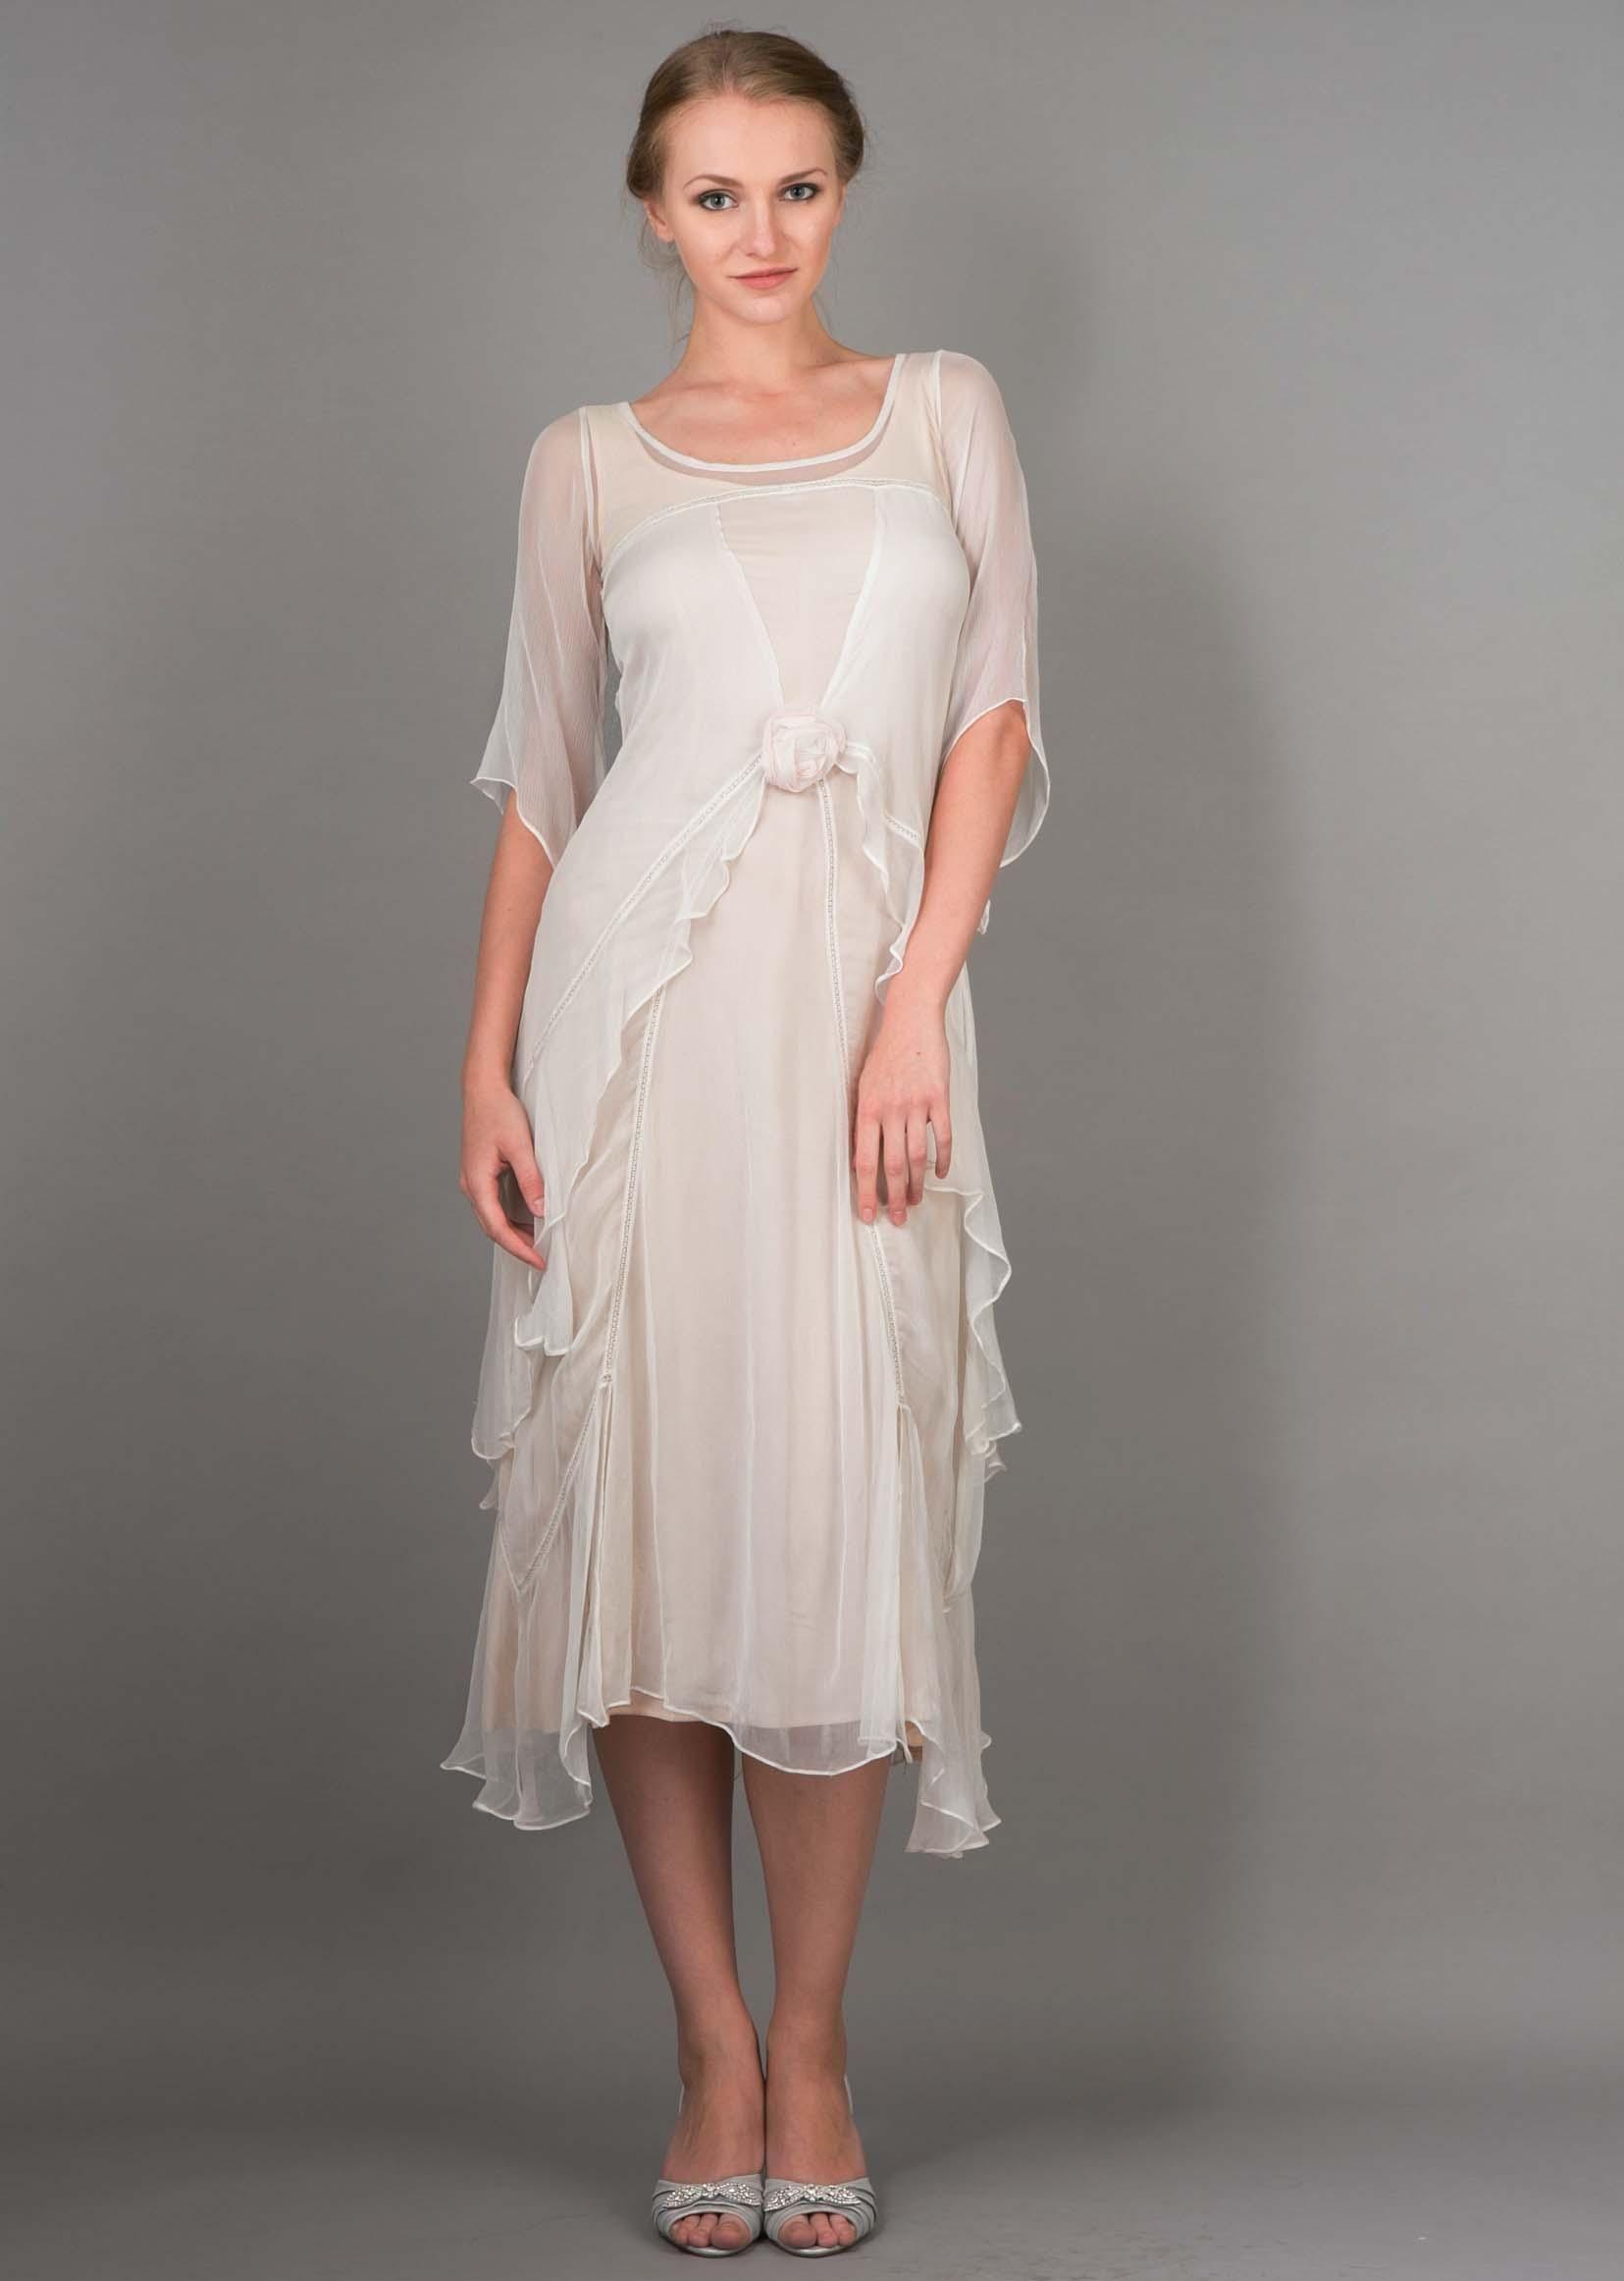 c0d39cdfdf9 Nataya 10709 1920s Wedding Dress in Ivory